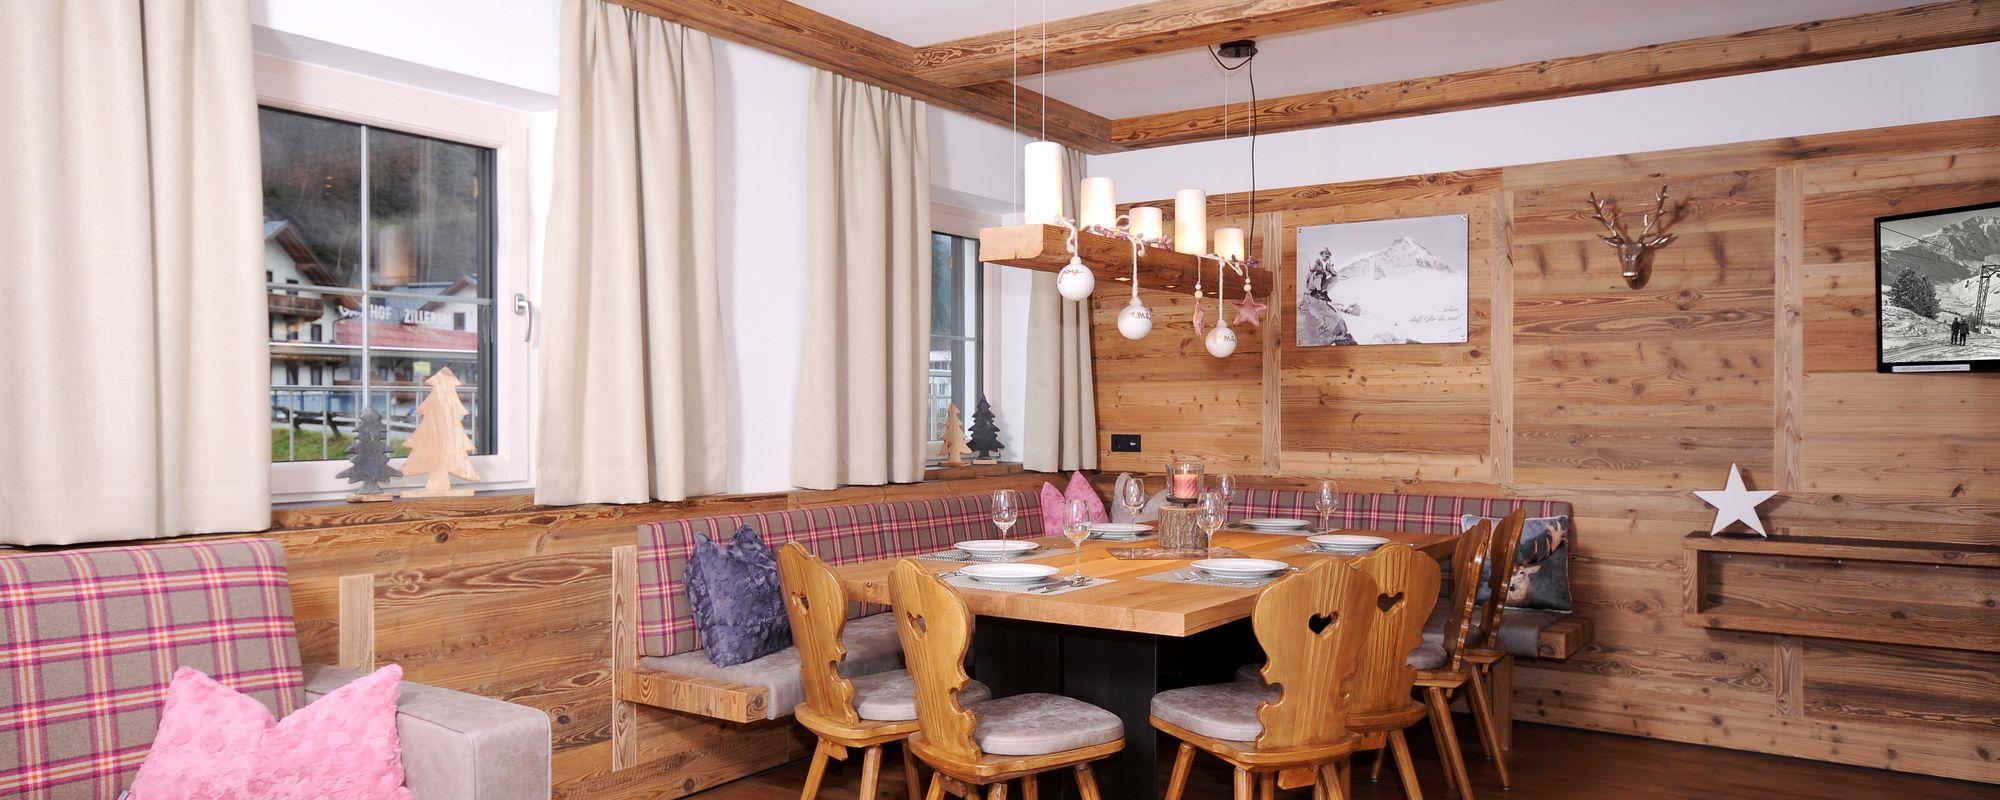 Gemütliche Wohnküche mit großer Essecke